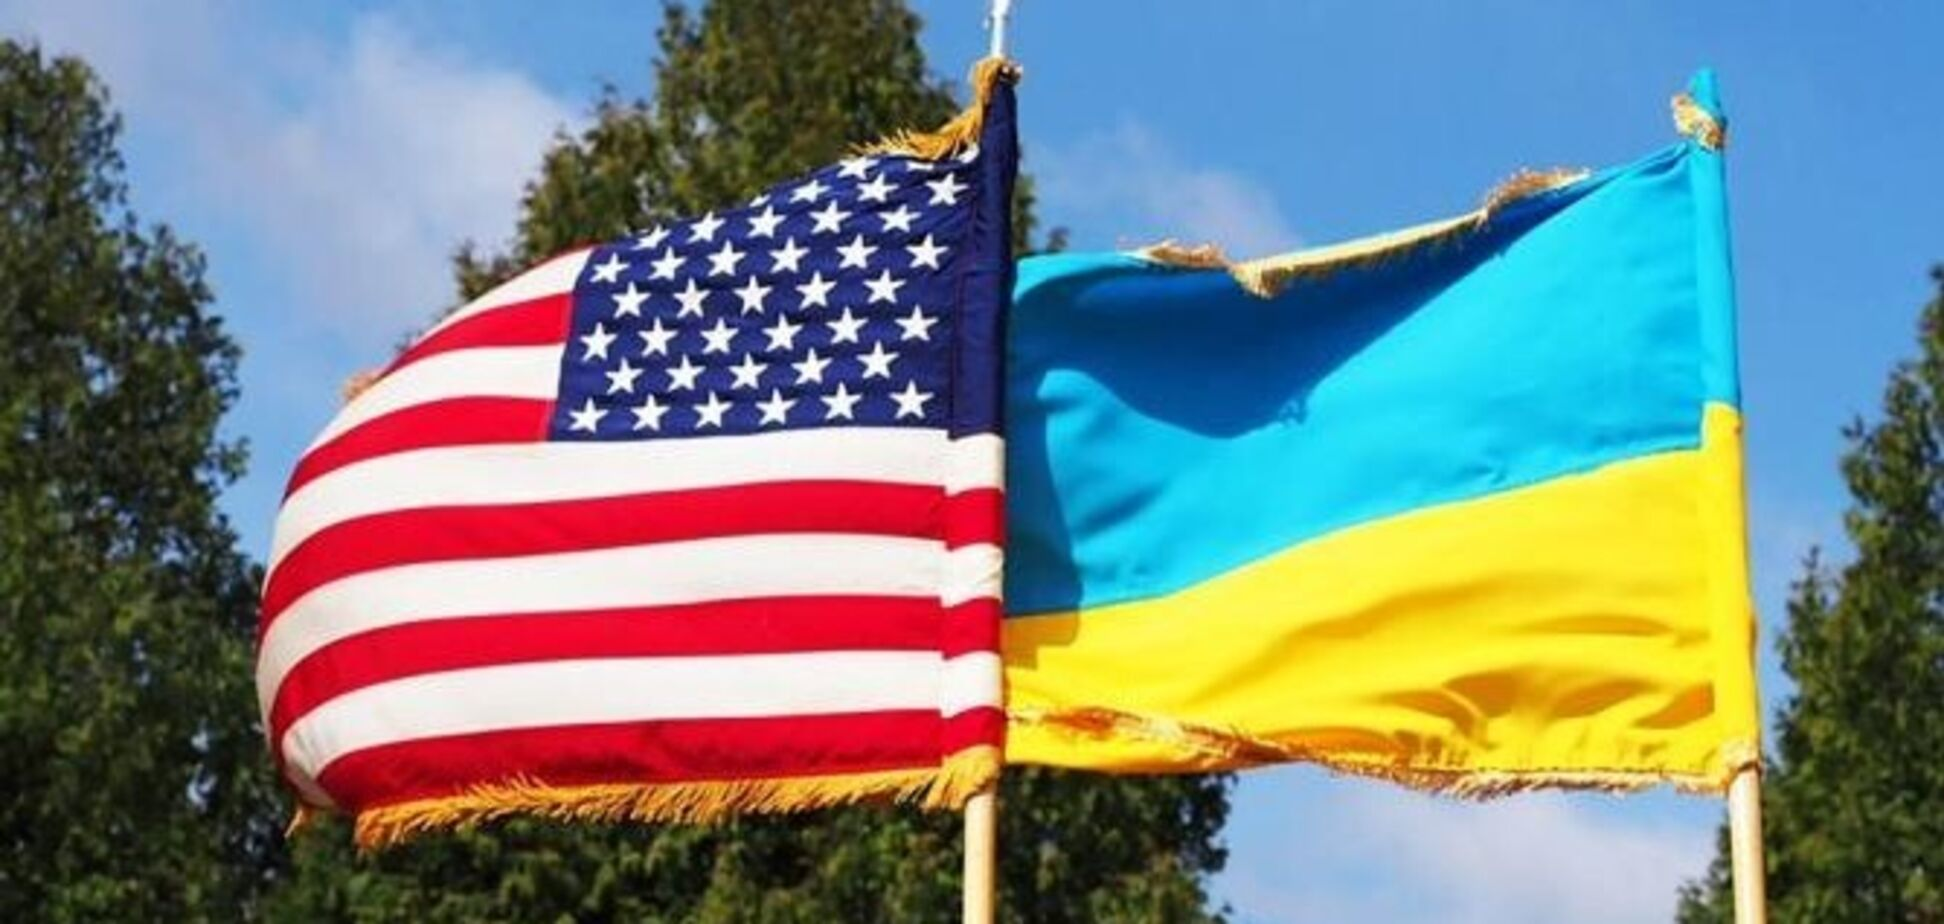 США поддержали Украину и потребовали от РФ покинуть Донбасс